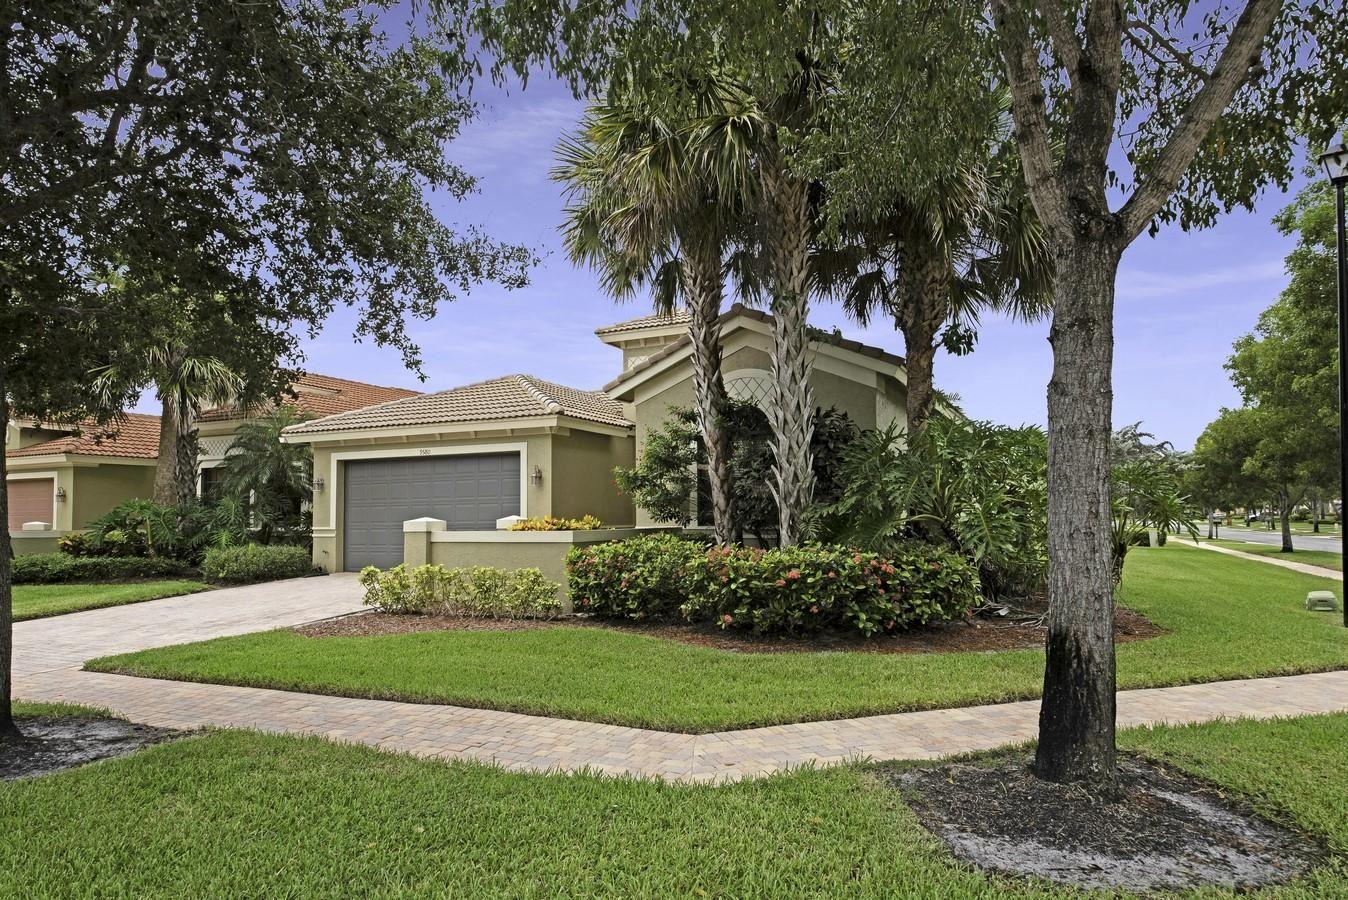 Photo of 9580 Tivoli Isles Boulevard, Delray Beach, FL 33446 (MLS # RX-10608193)